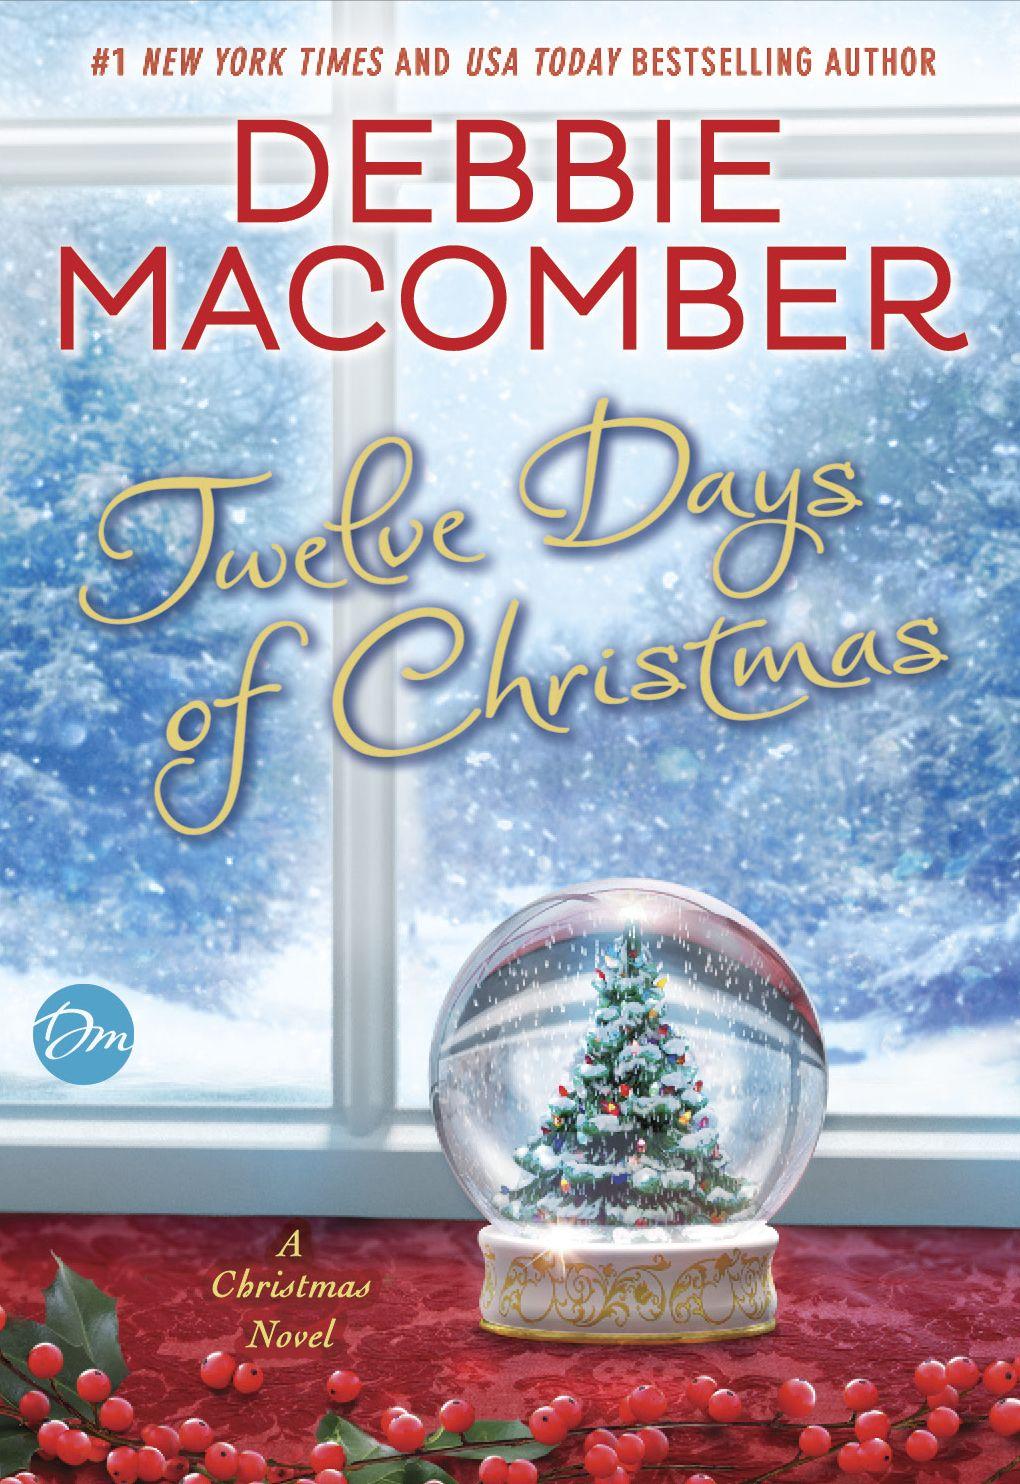 Debbie returns with a new original holiday novel